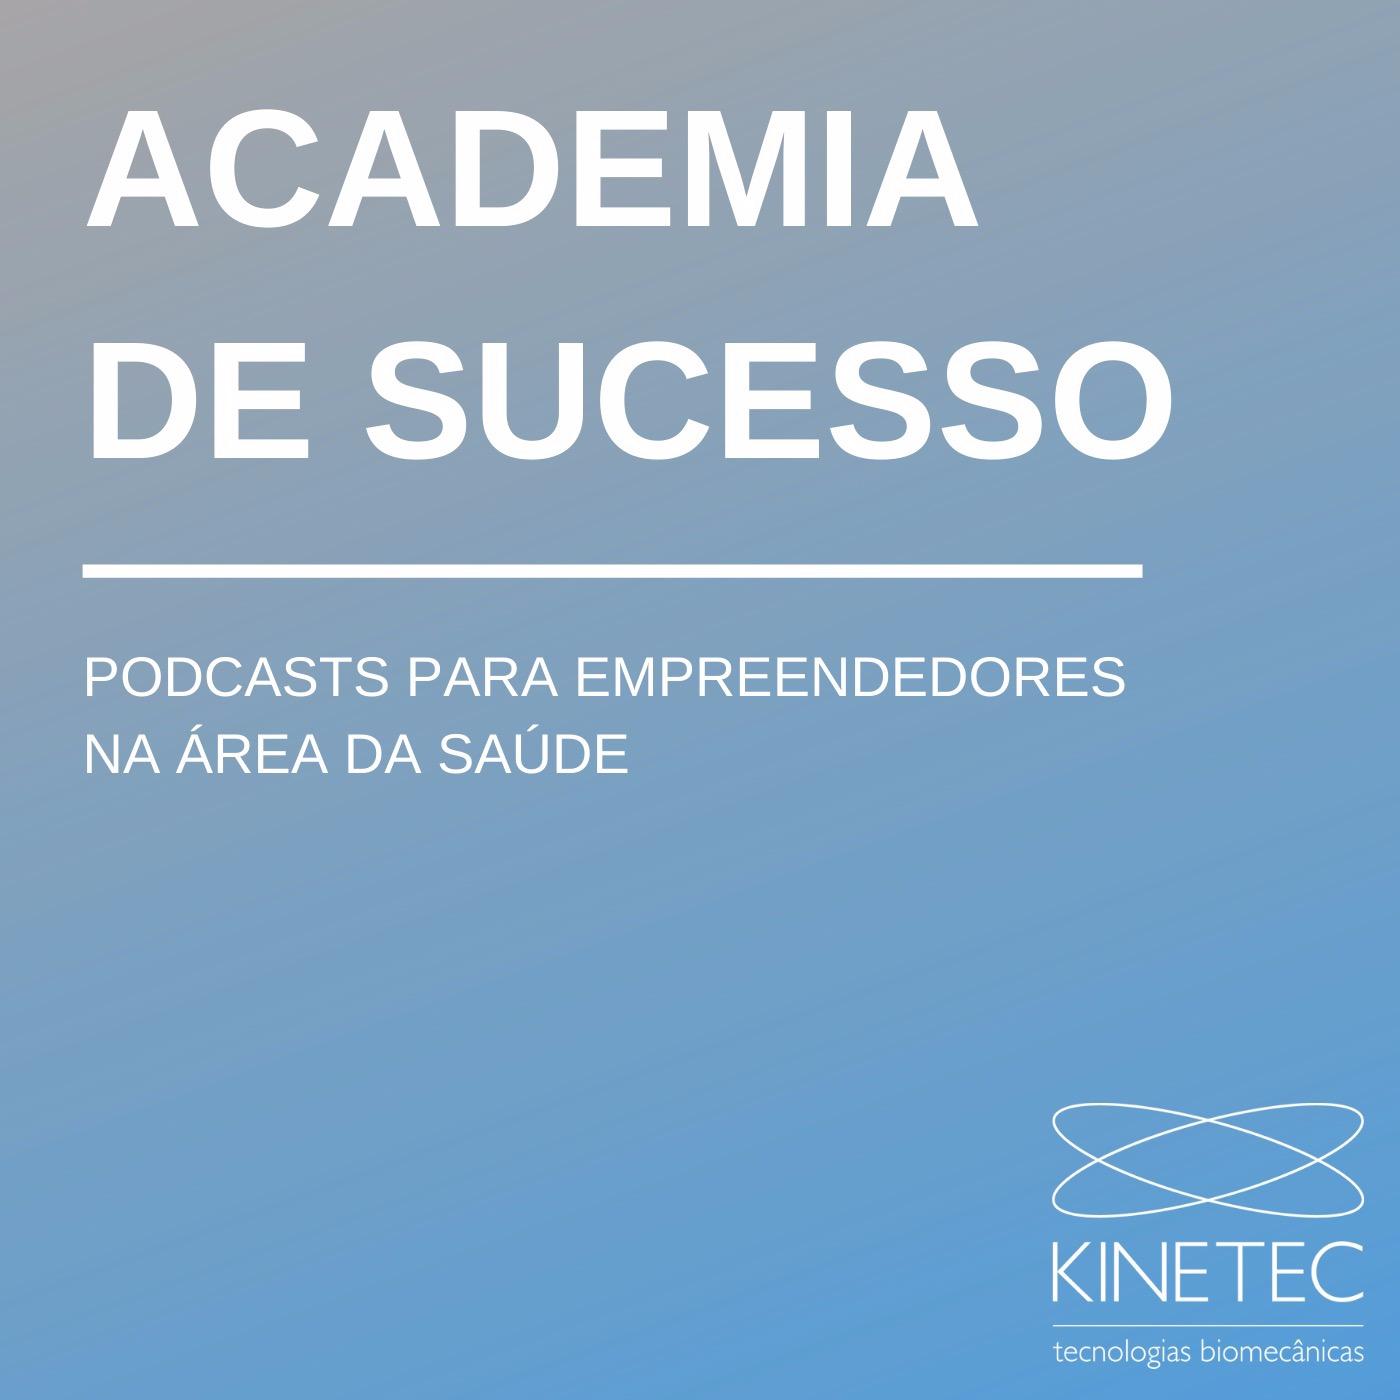 Academia de Sucesso Kinetec:Kinetec Tecnologias Biomecânicas